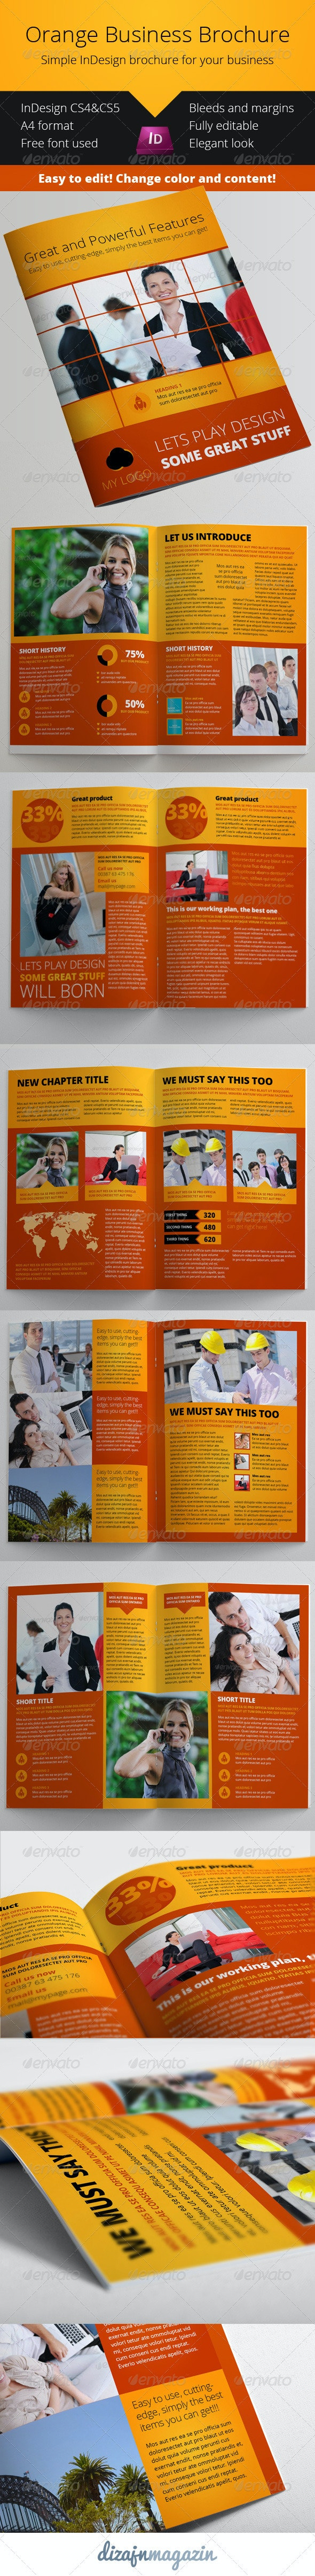 Orange Business Brochure InDesign Template - Corporate Brochures